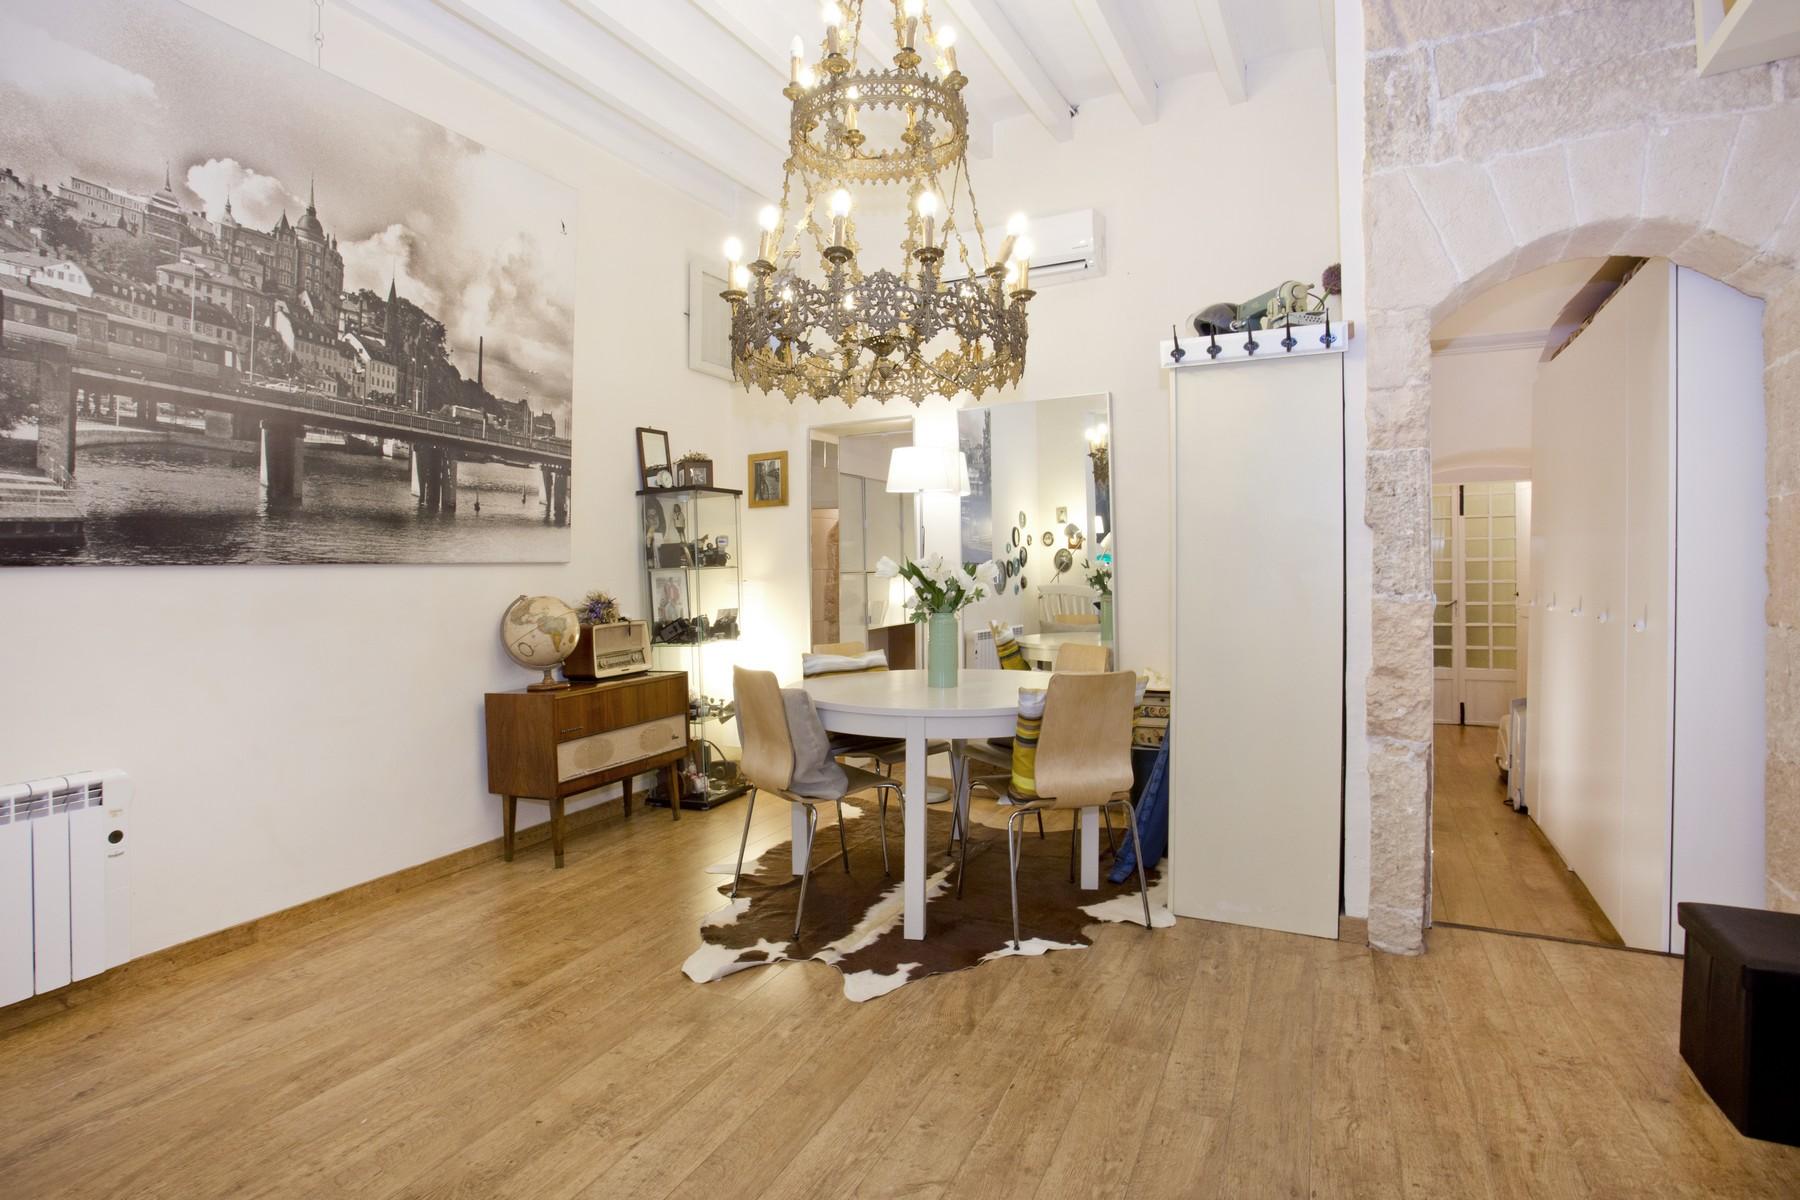 Maison unifamiliale pour l Vente à Charming apartment in Old Town of Palma Palma, Majorque, 07012 Espagne